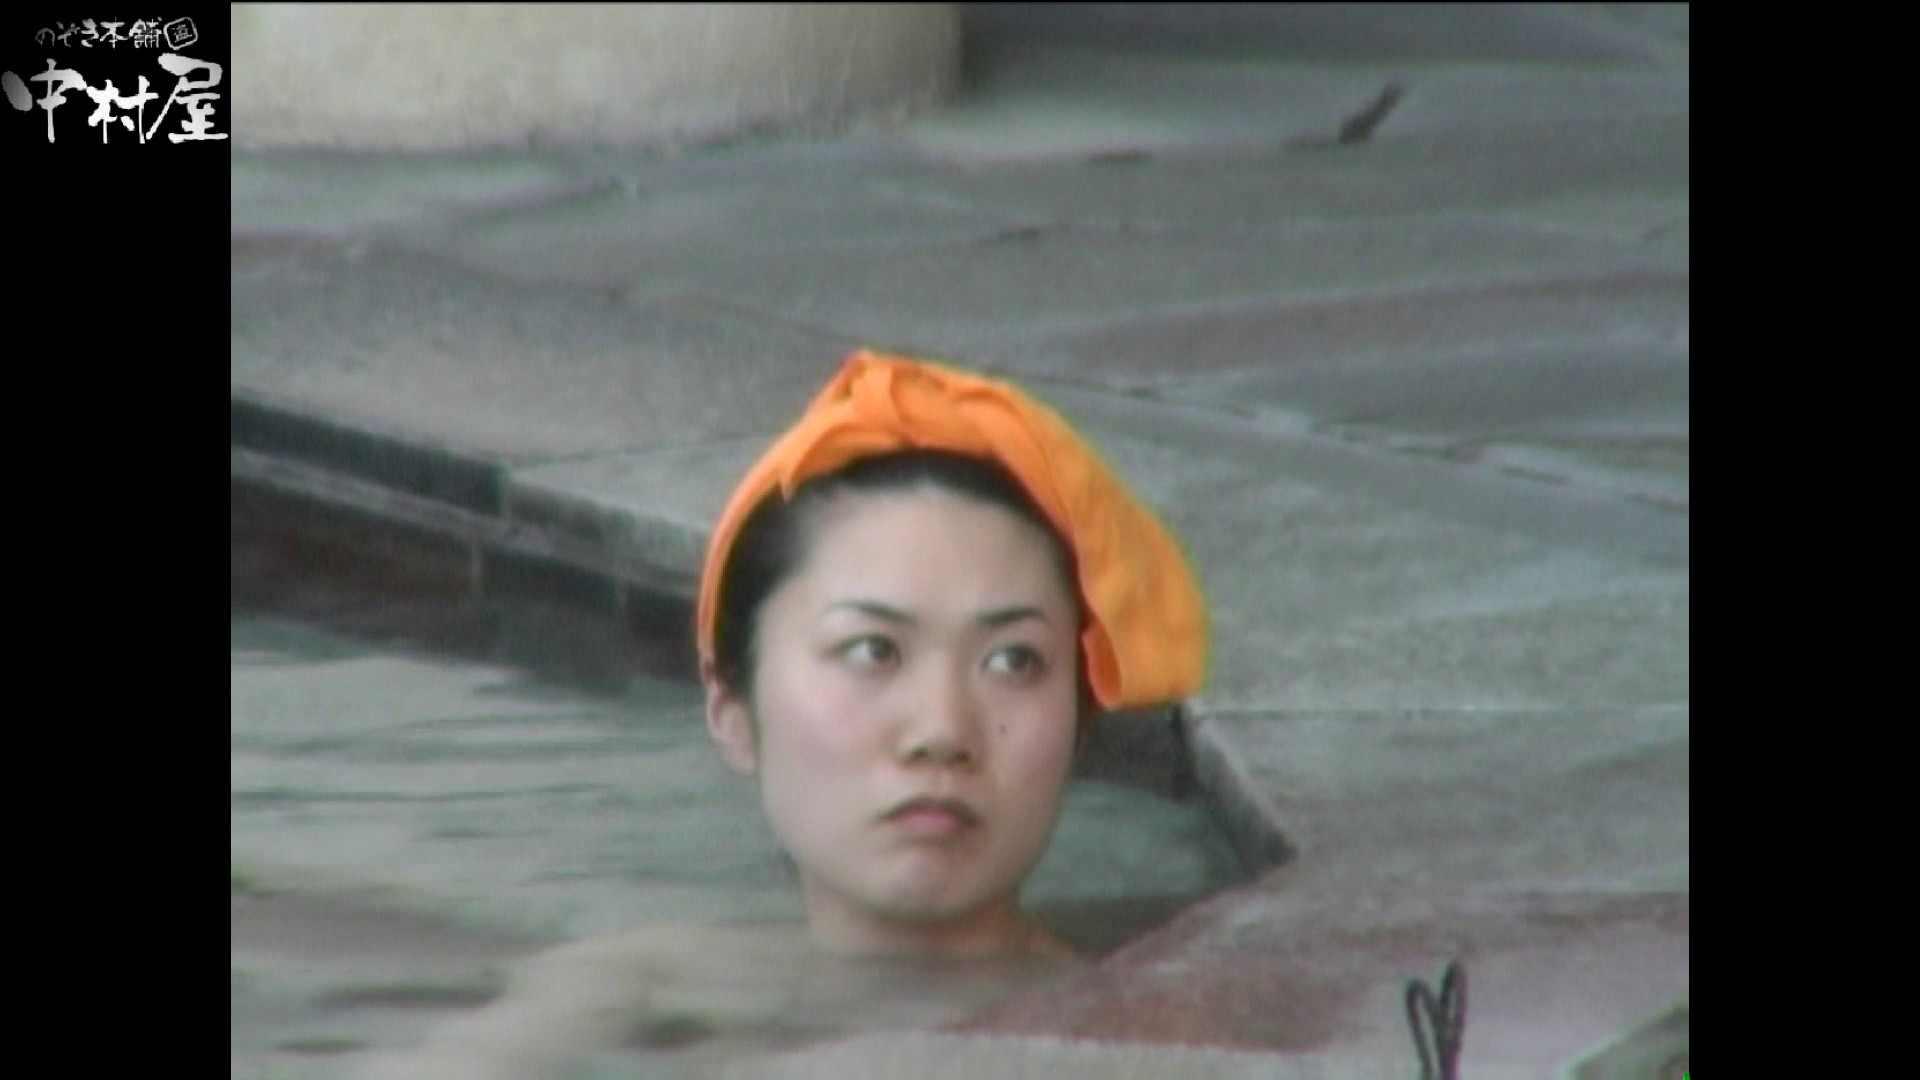 Aquaな露天風呂Vol.978 OLハメ撮り  57Pix 47